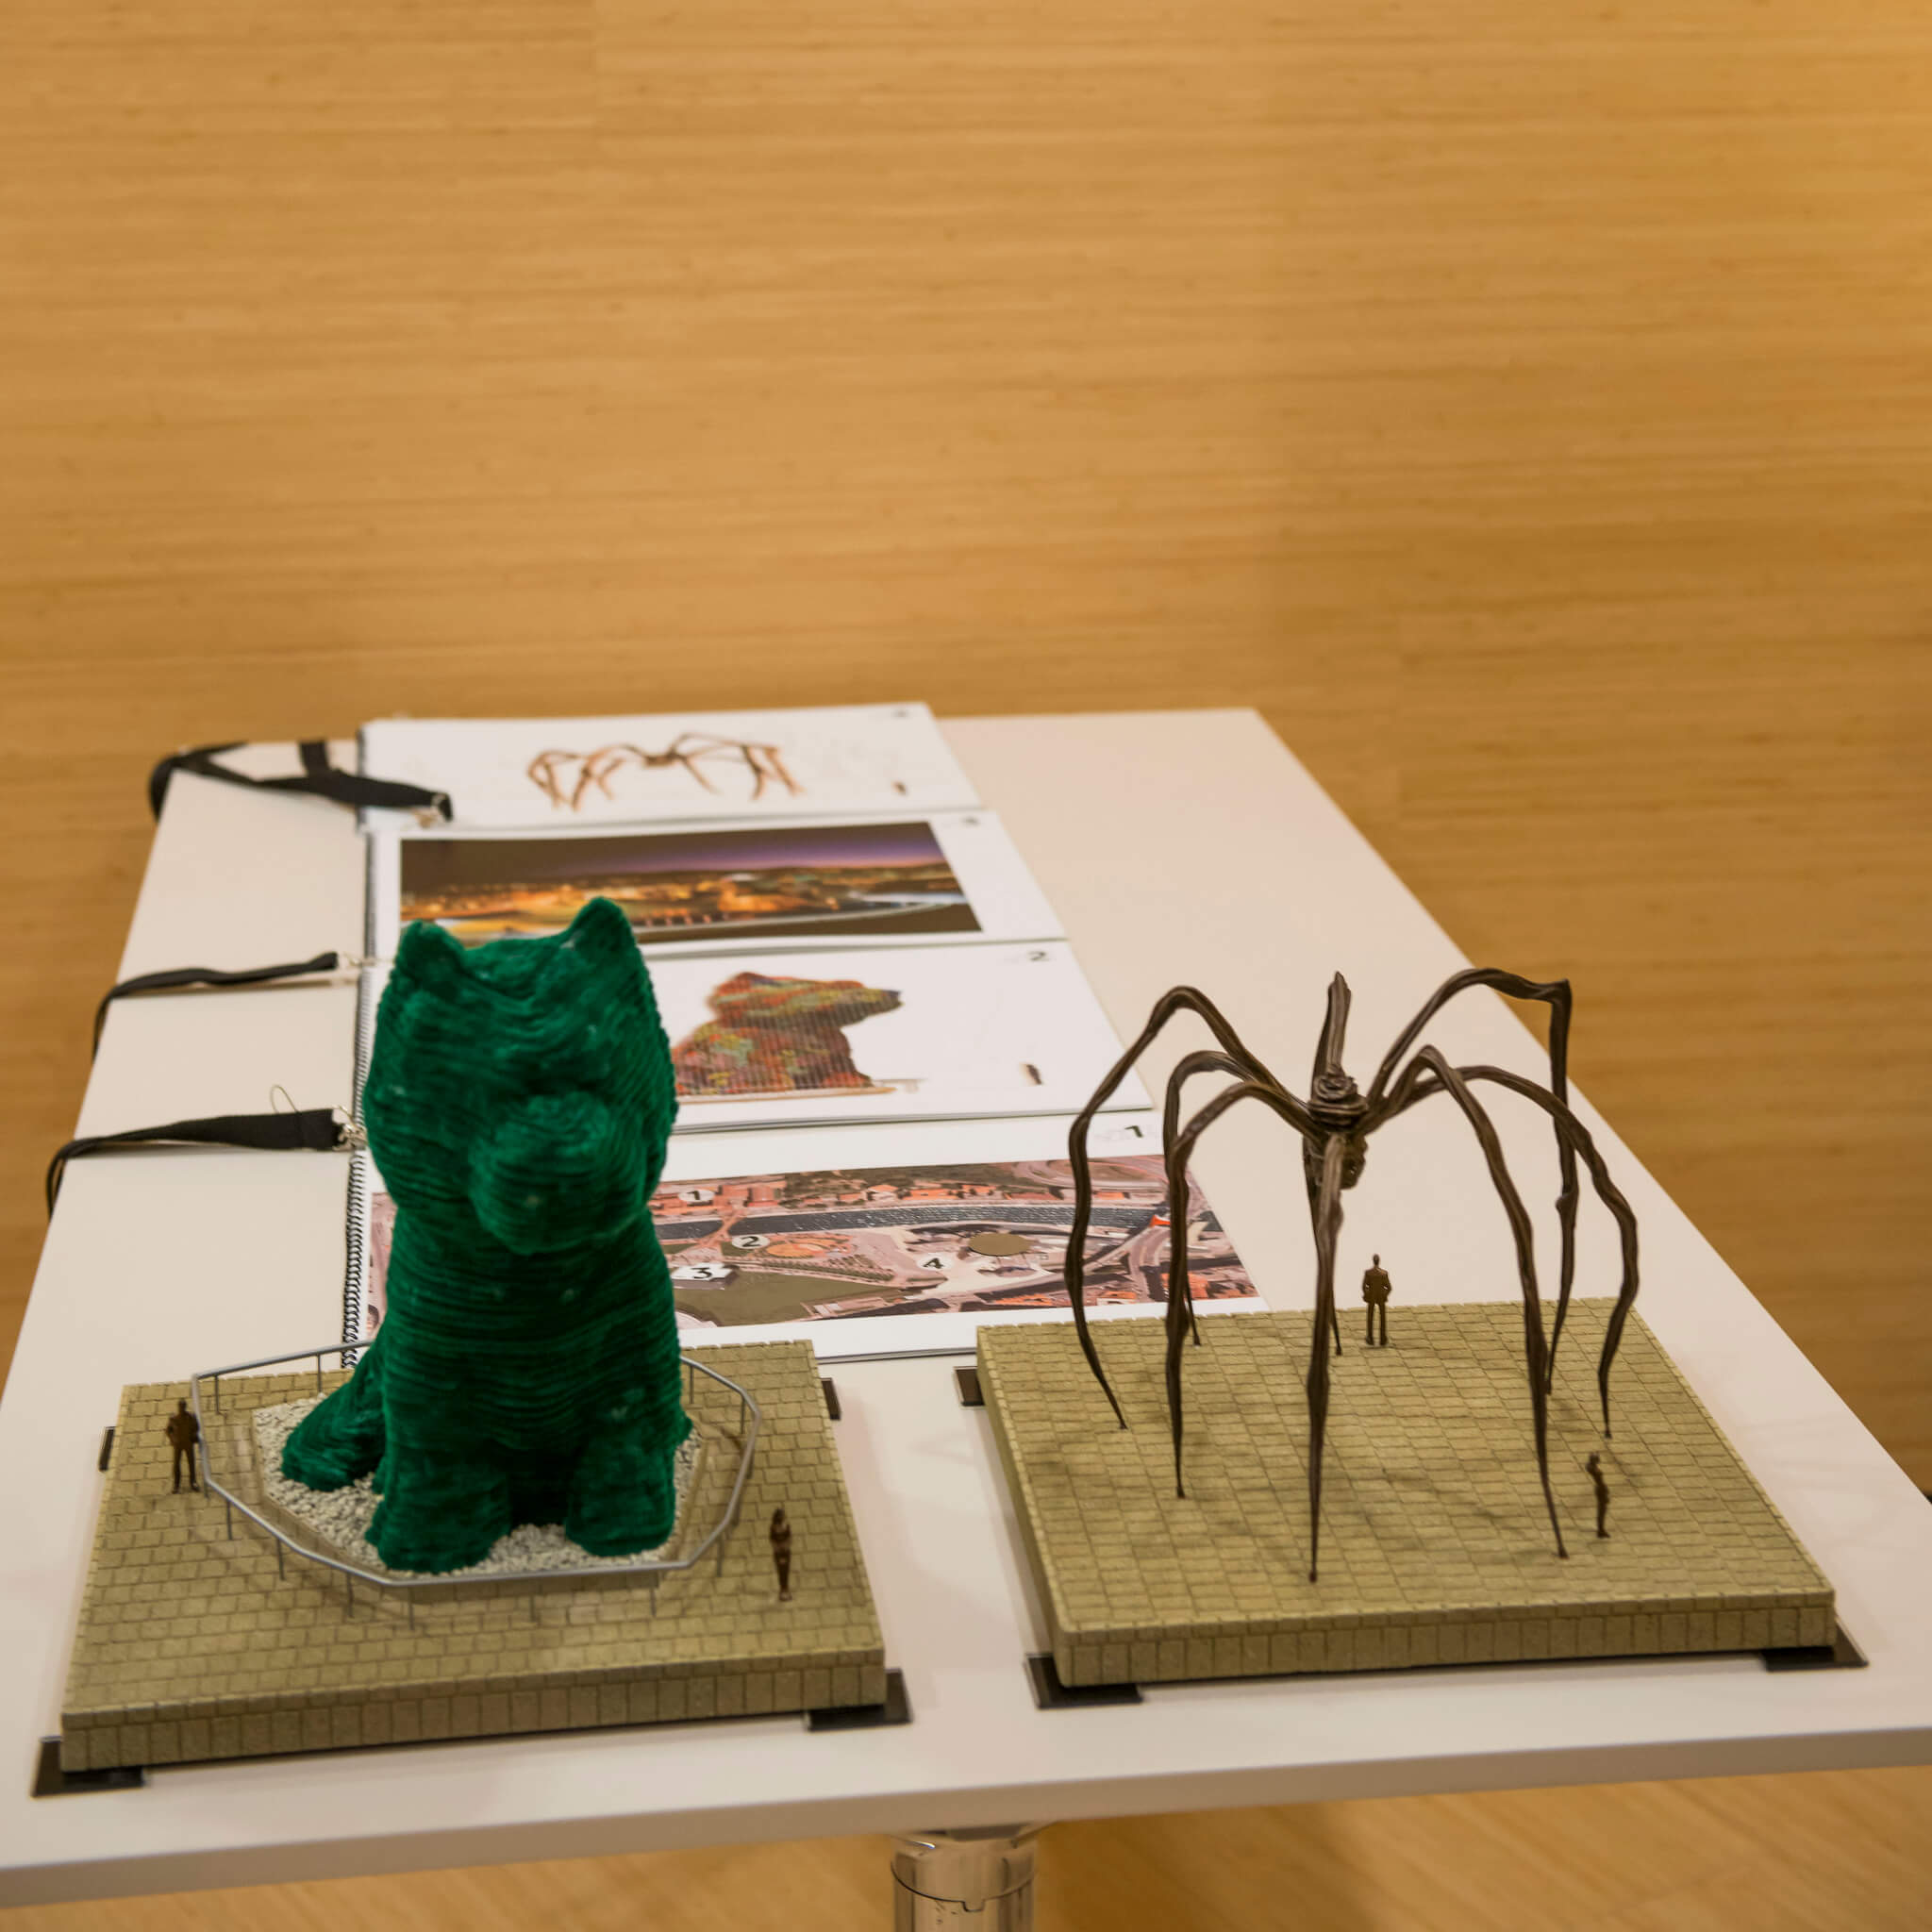 Maquetas de Puppy y Mamá | Guggenheim Bilbao Museoa